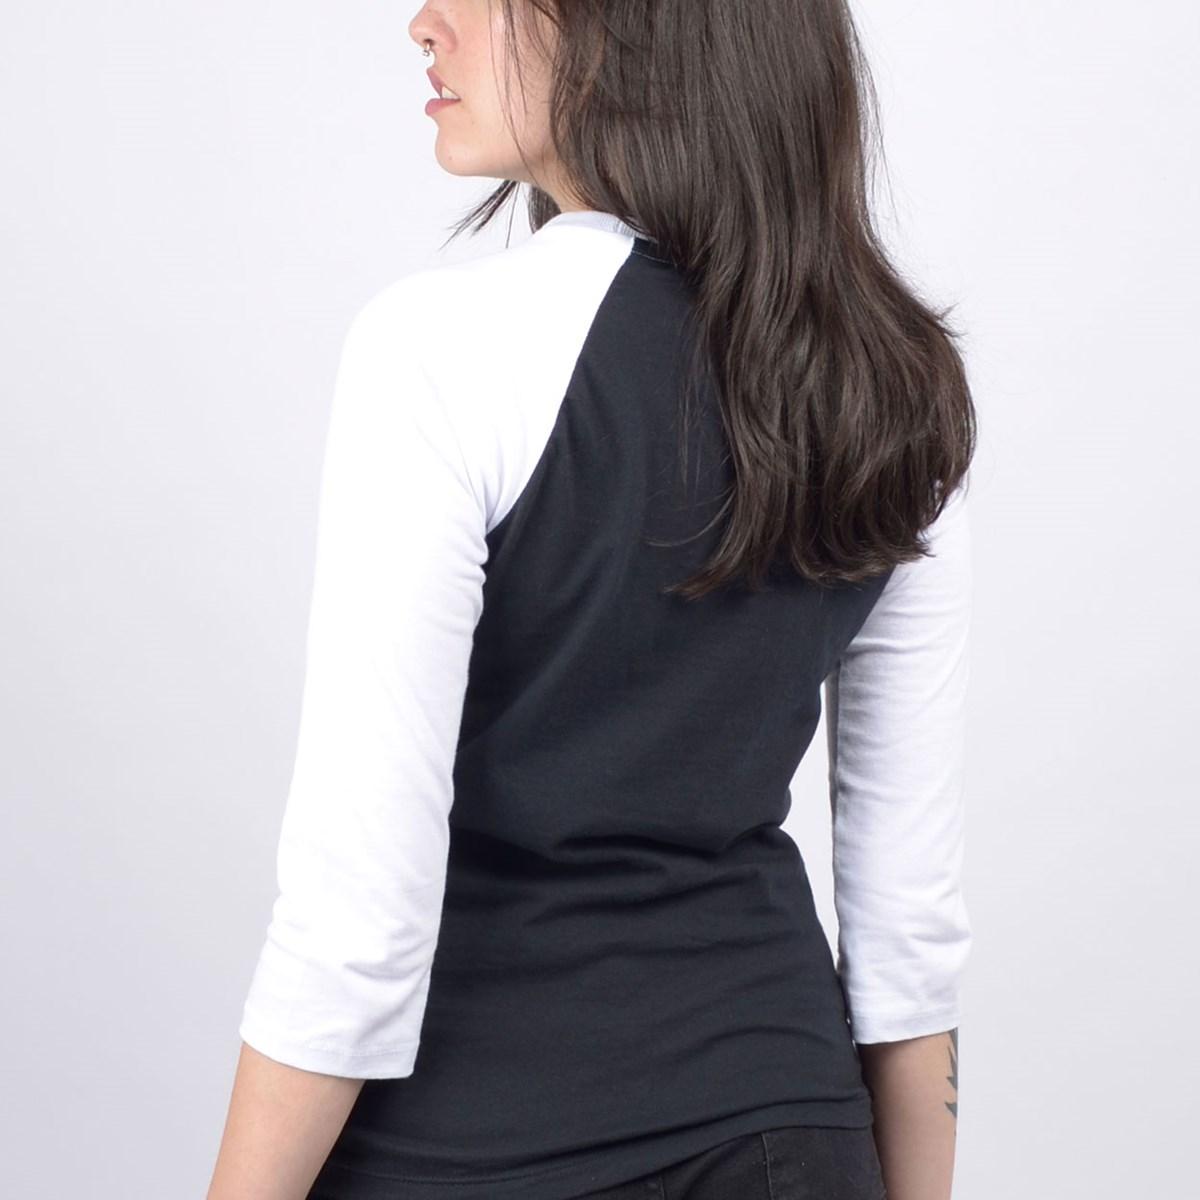 Camiseta Vans Feminina Wm Flying V Raglan Black White VN0A4N52Y28